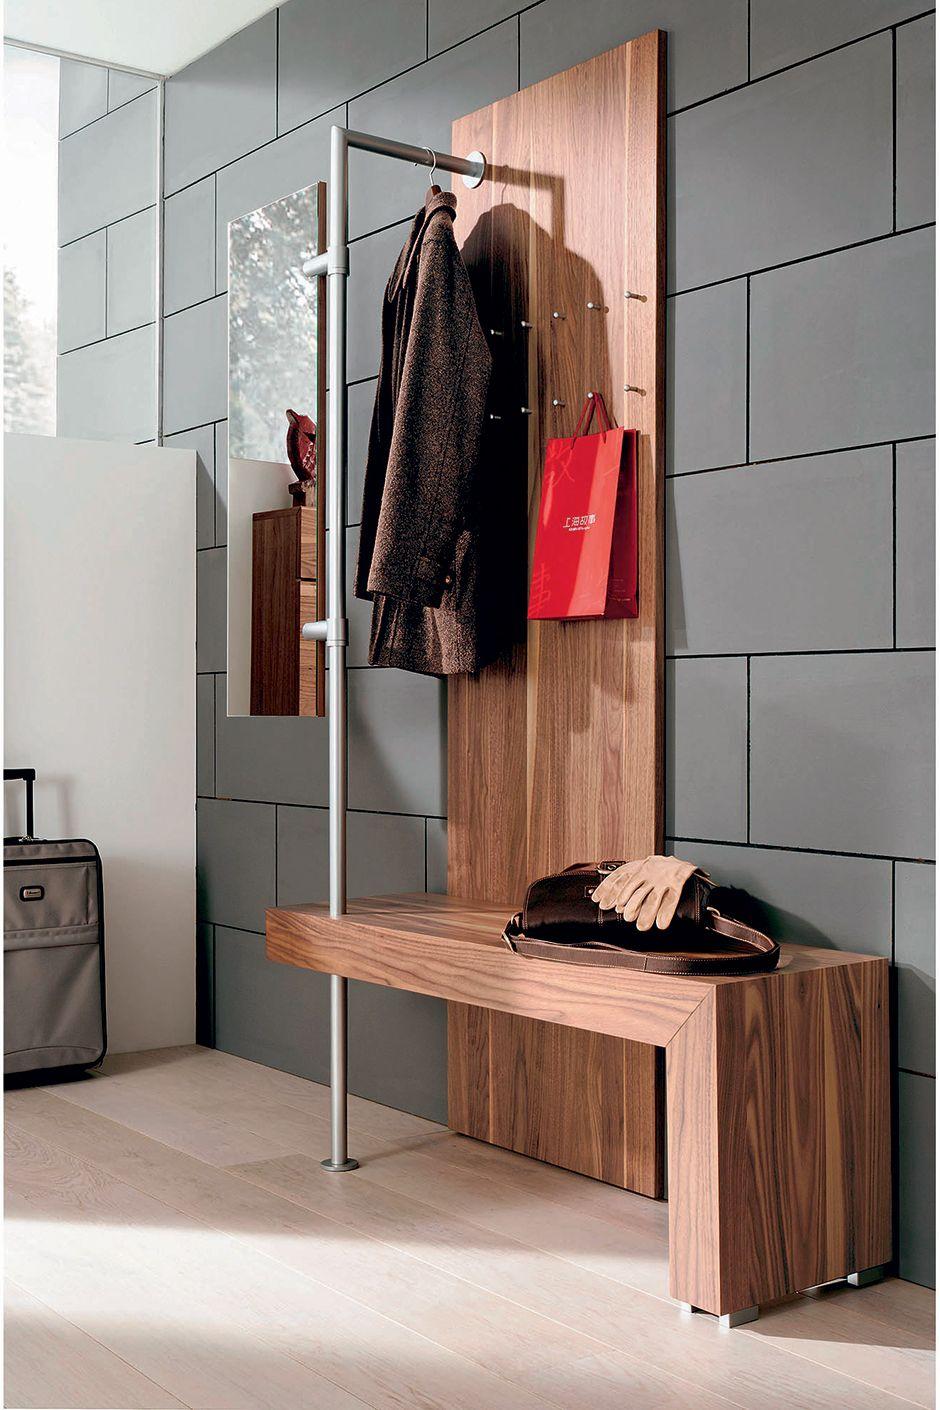 Narrow hallway storage solutions  дизайн прихожая в стиле минимализм  тыс изображений найдено в